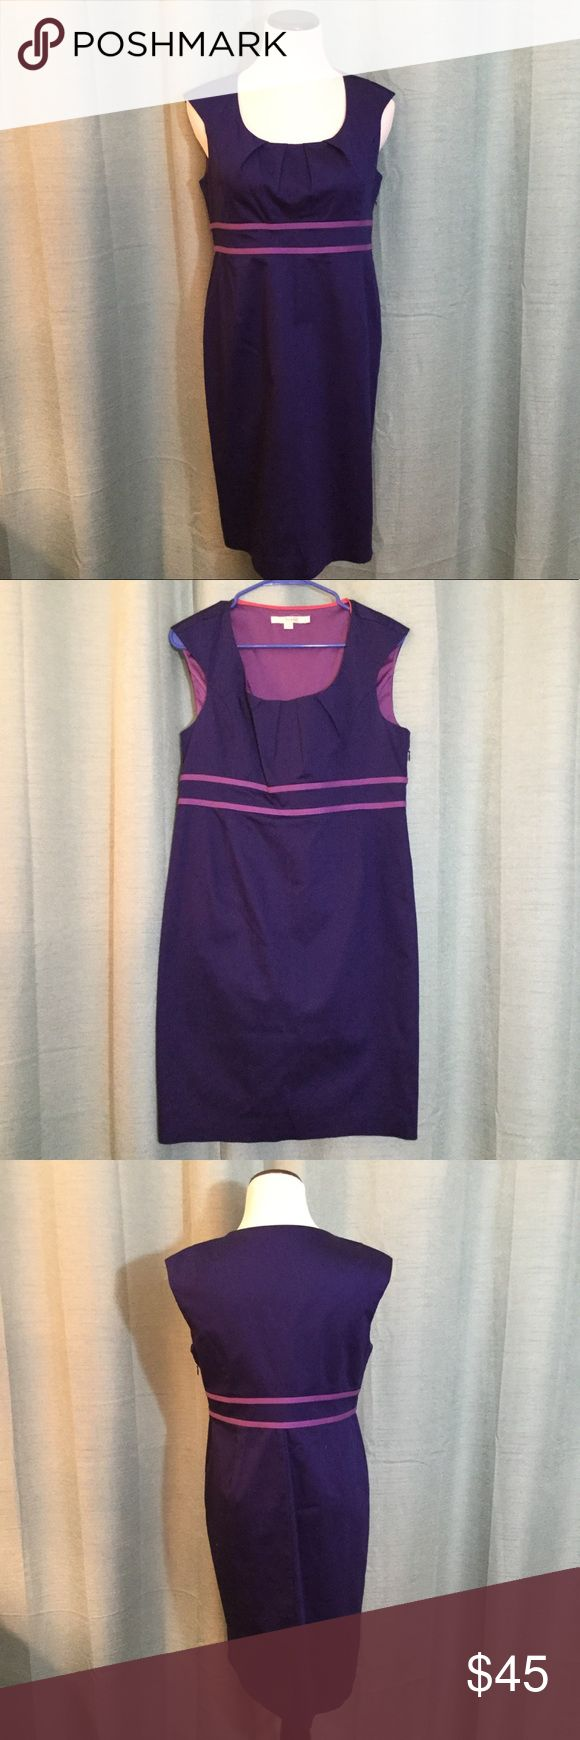 BODEN Valentine 2 Tone Purple Petite Dress BODEN Valentine 2 Tone Purple Dress.  Size 8 P Boden Dresses